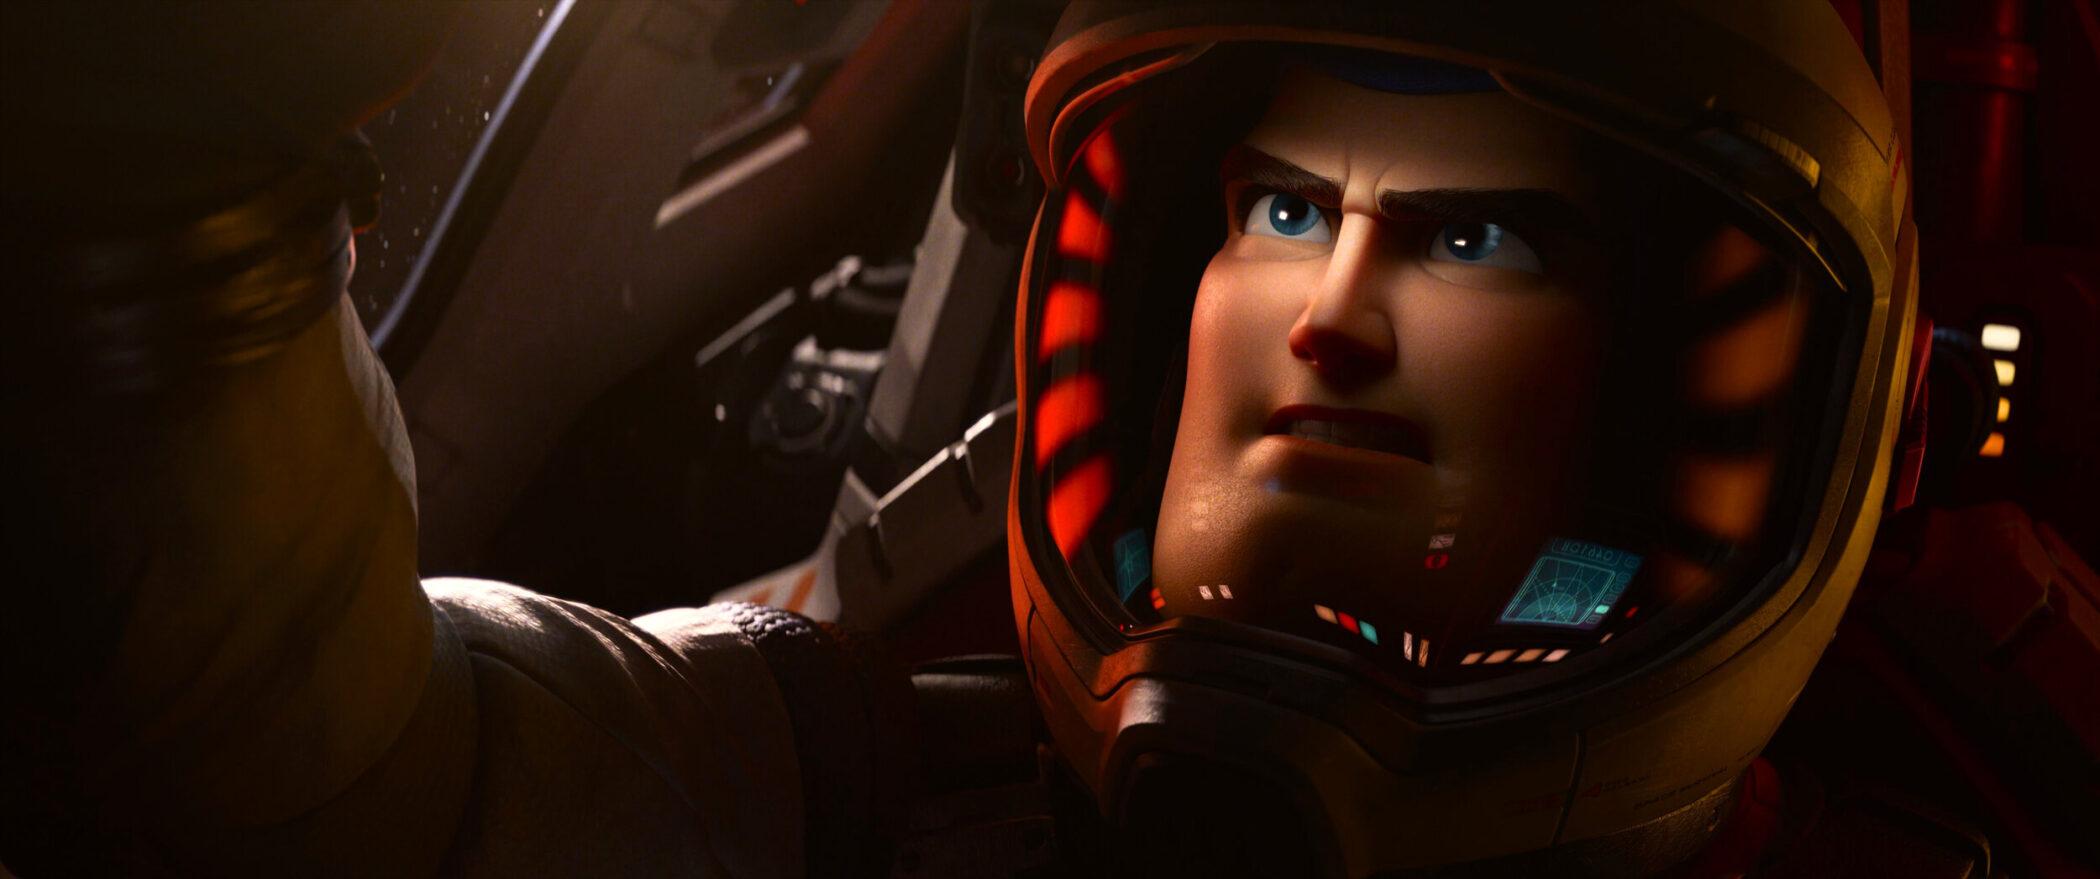 Filme de BUZZ LIGHTYEAR da Pixar será dublado por Chris Evans